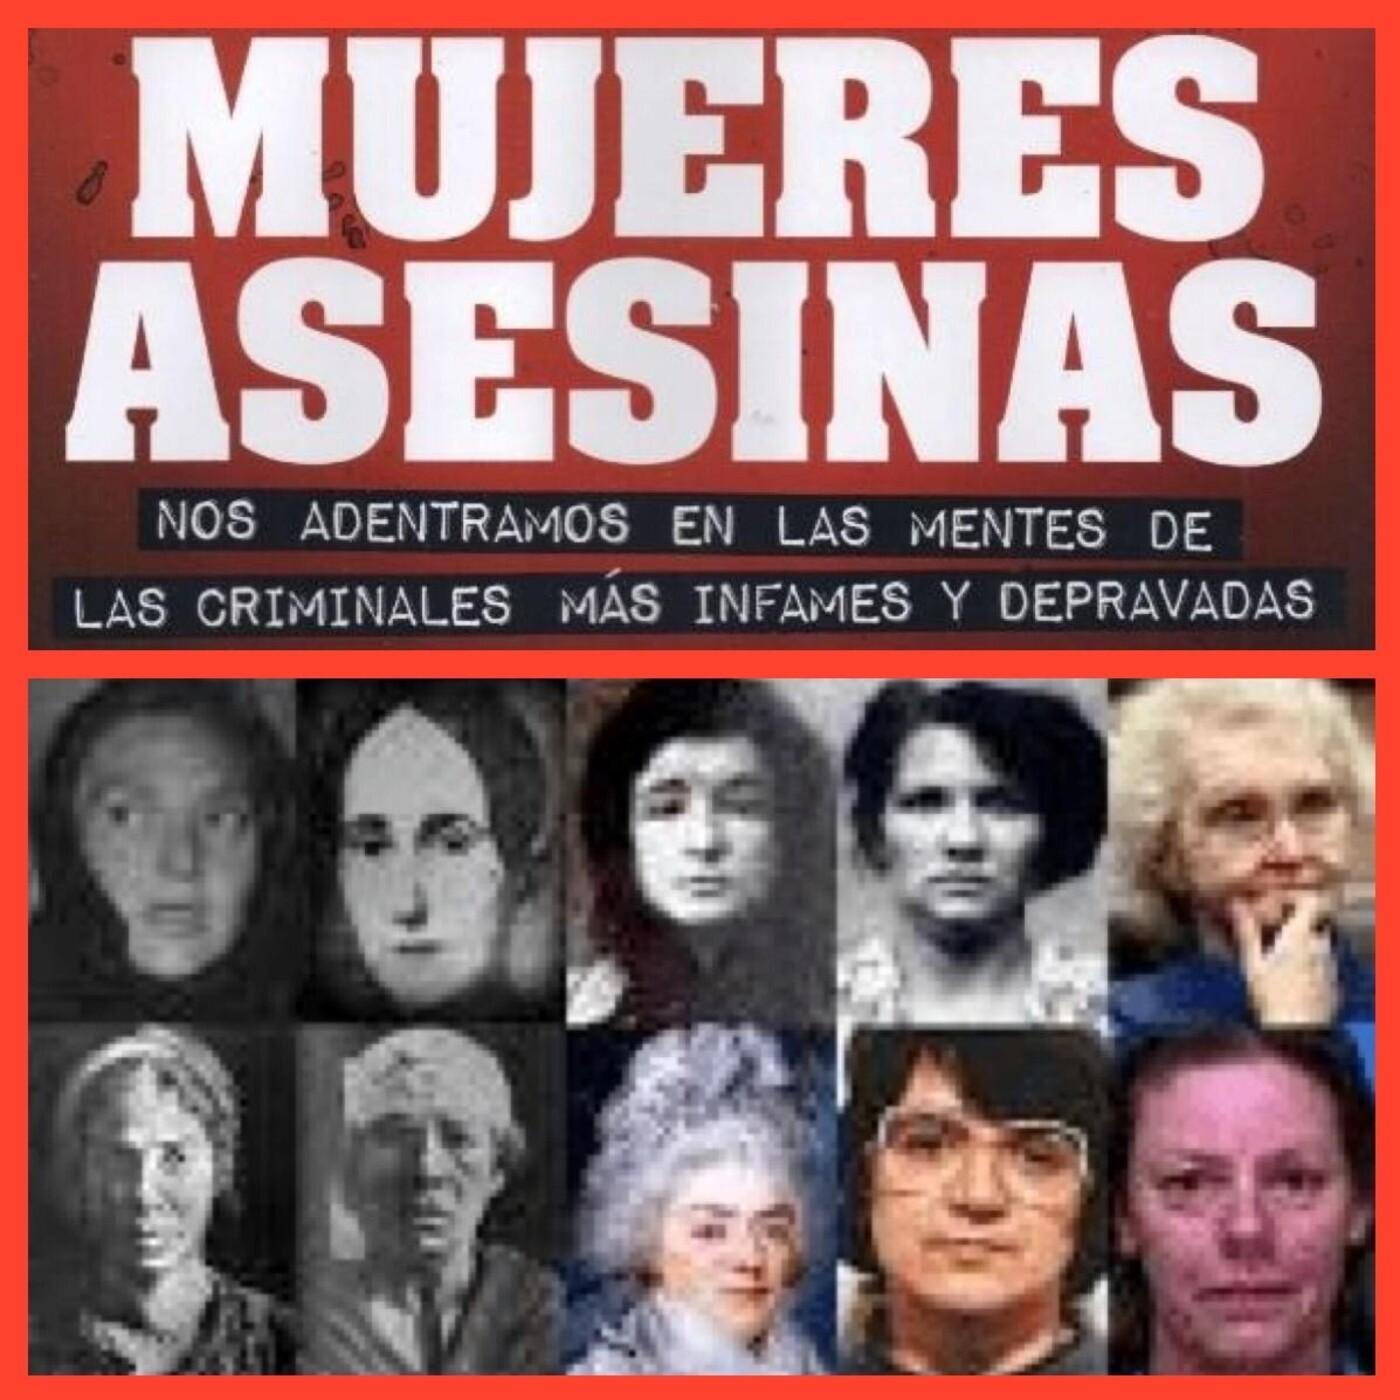 Mujeres asesinas en serie.